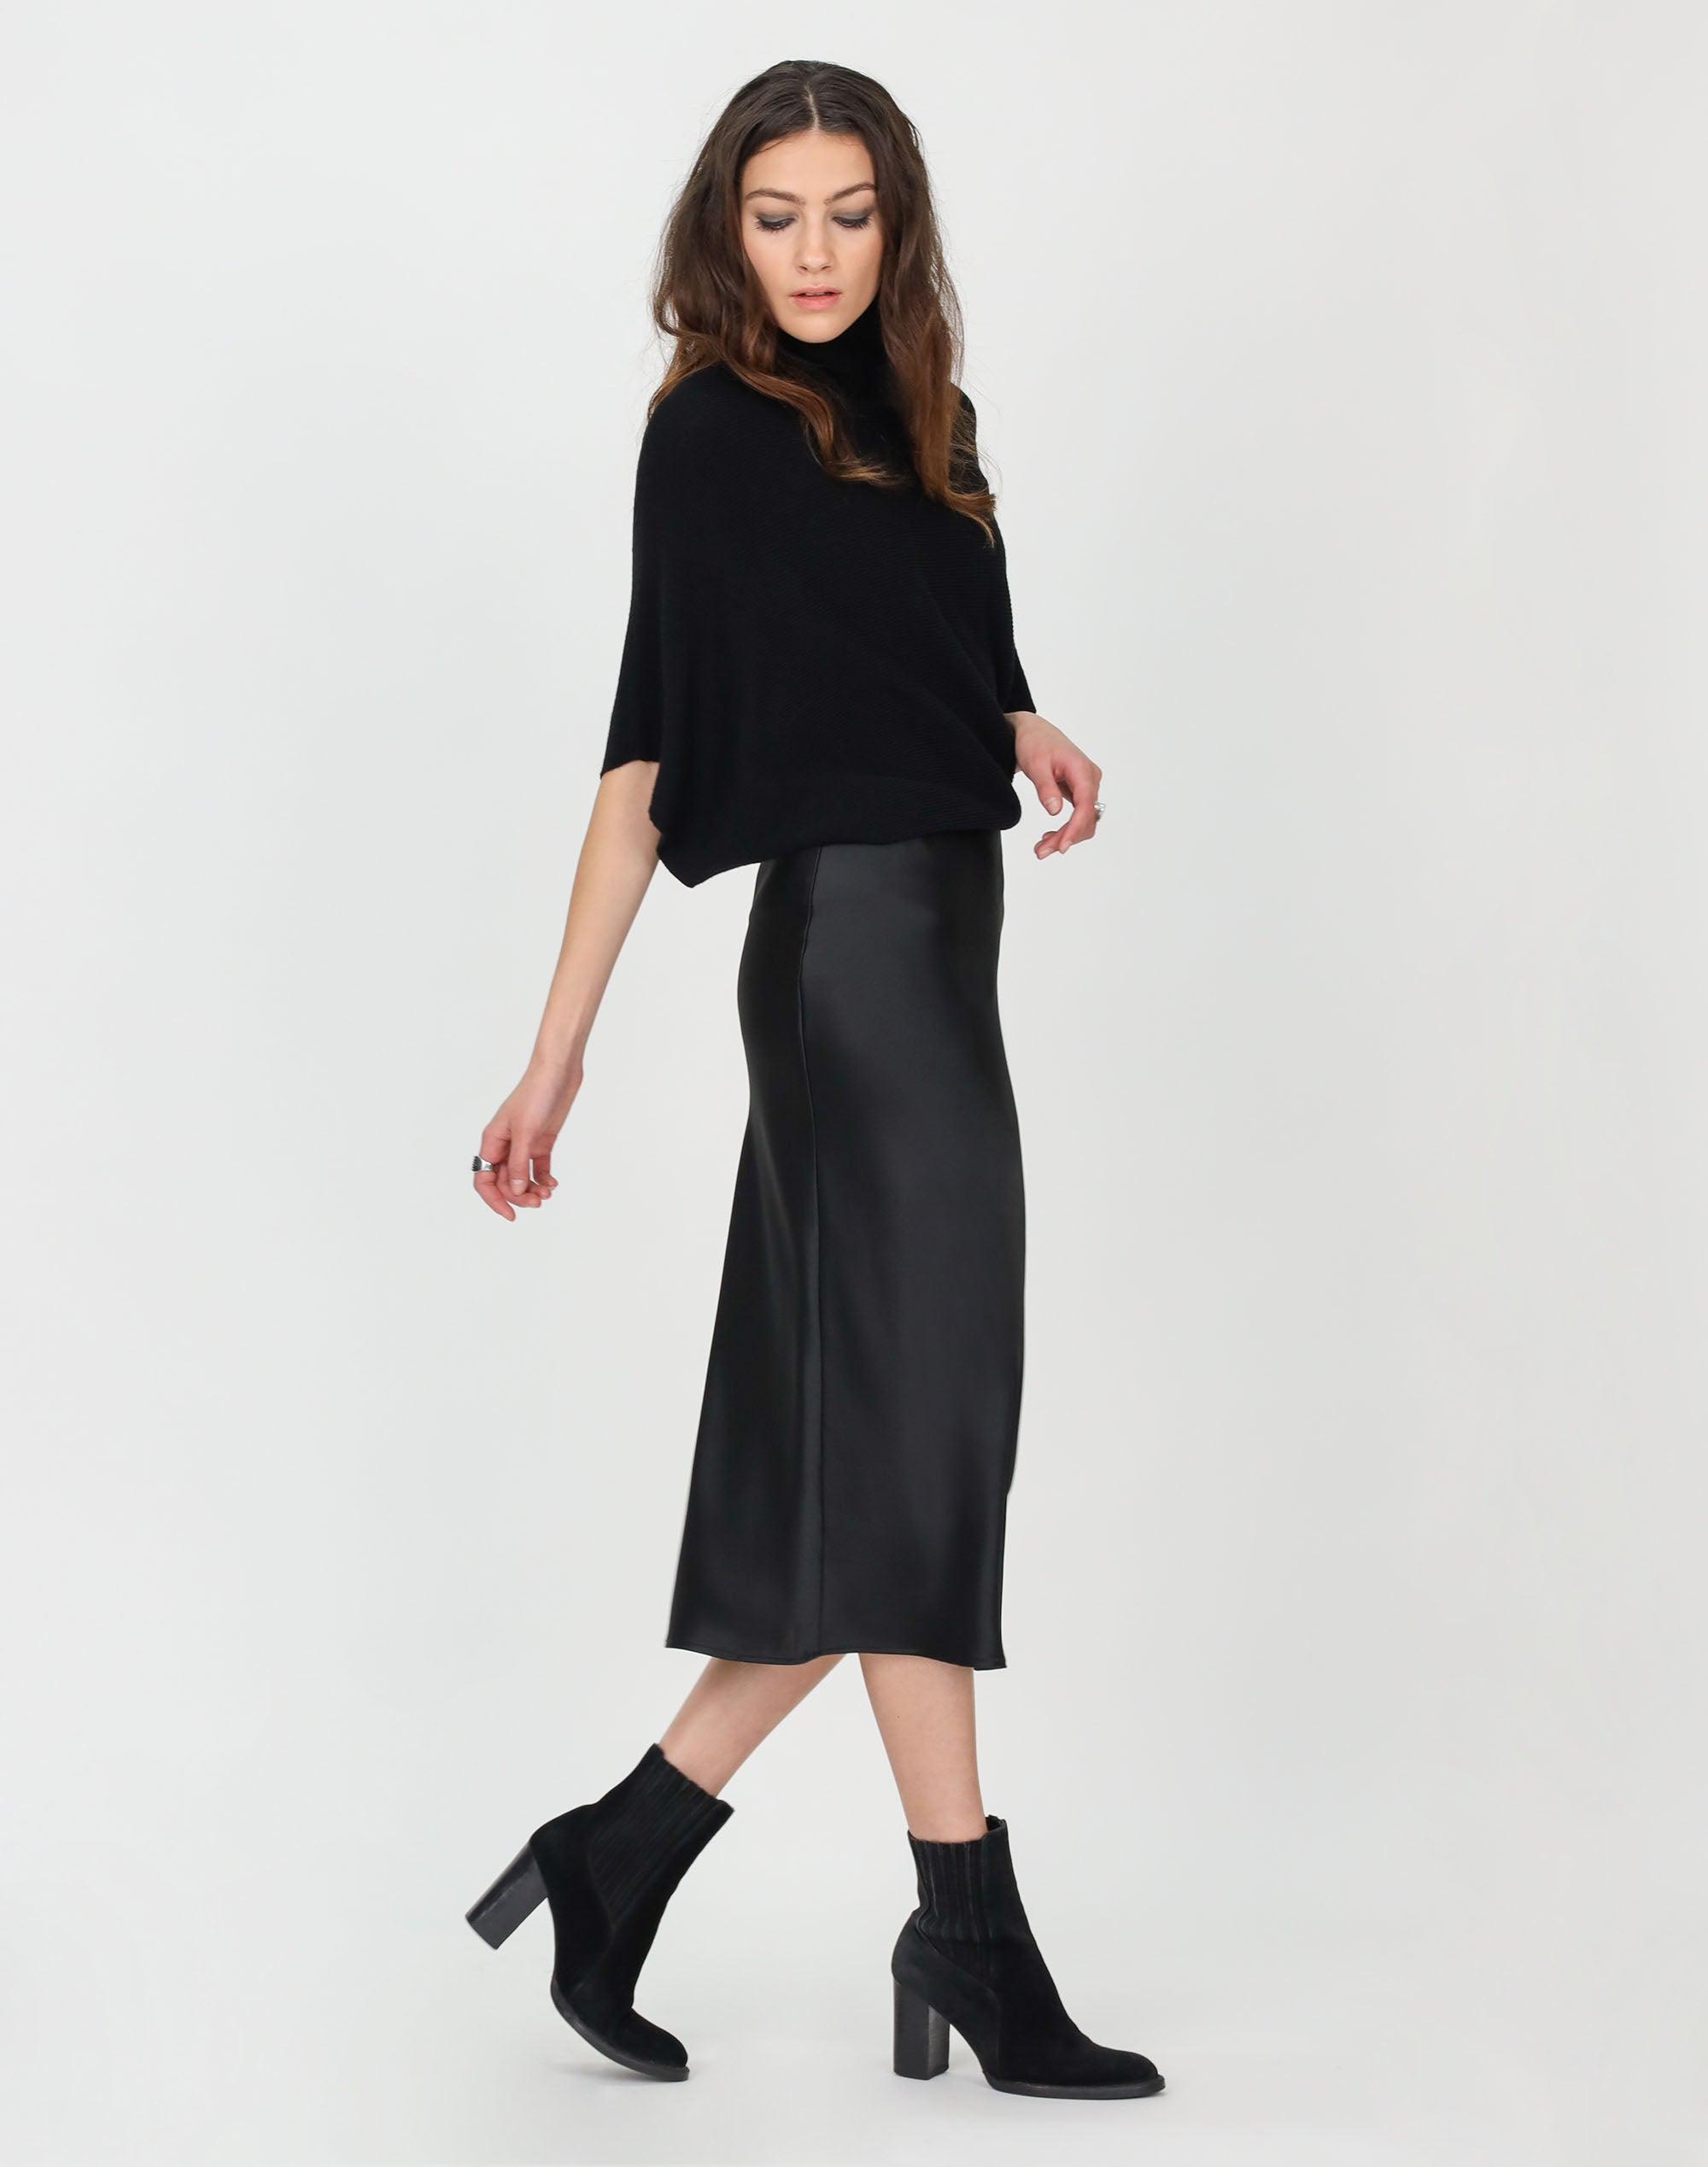 Liquid Midi Skirt